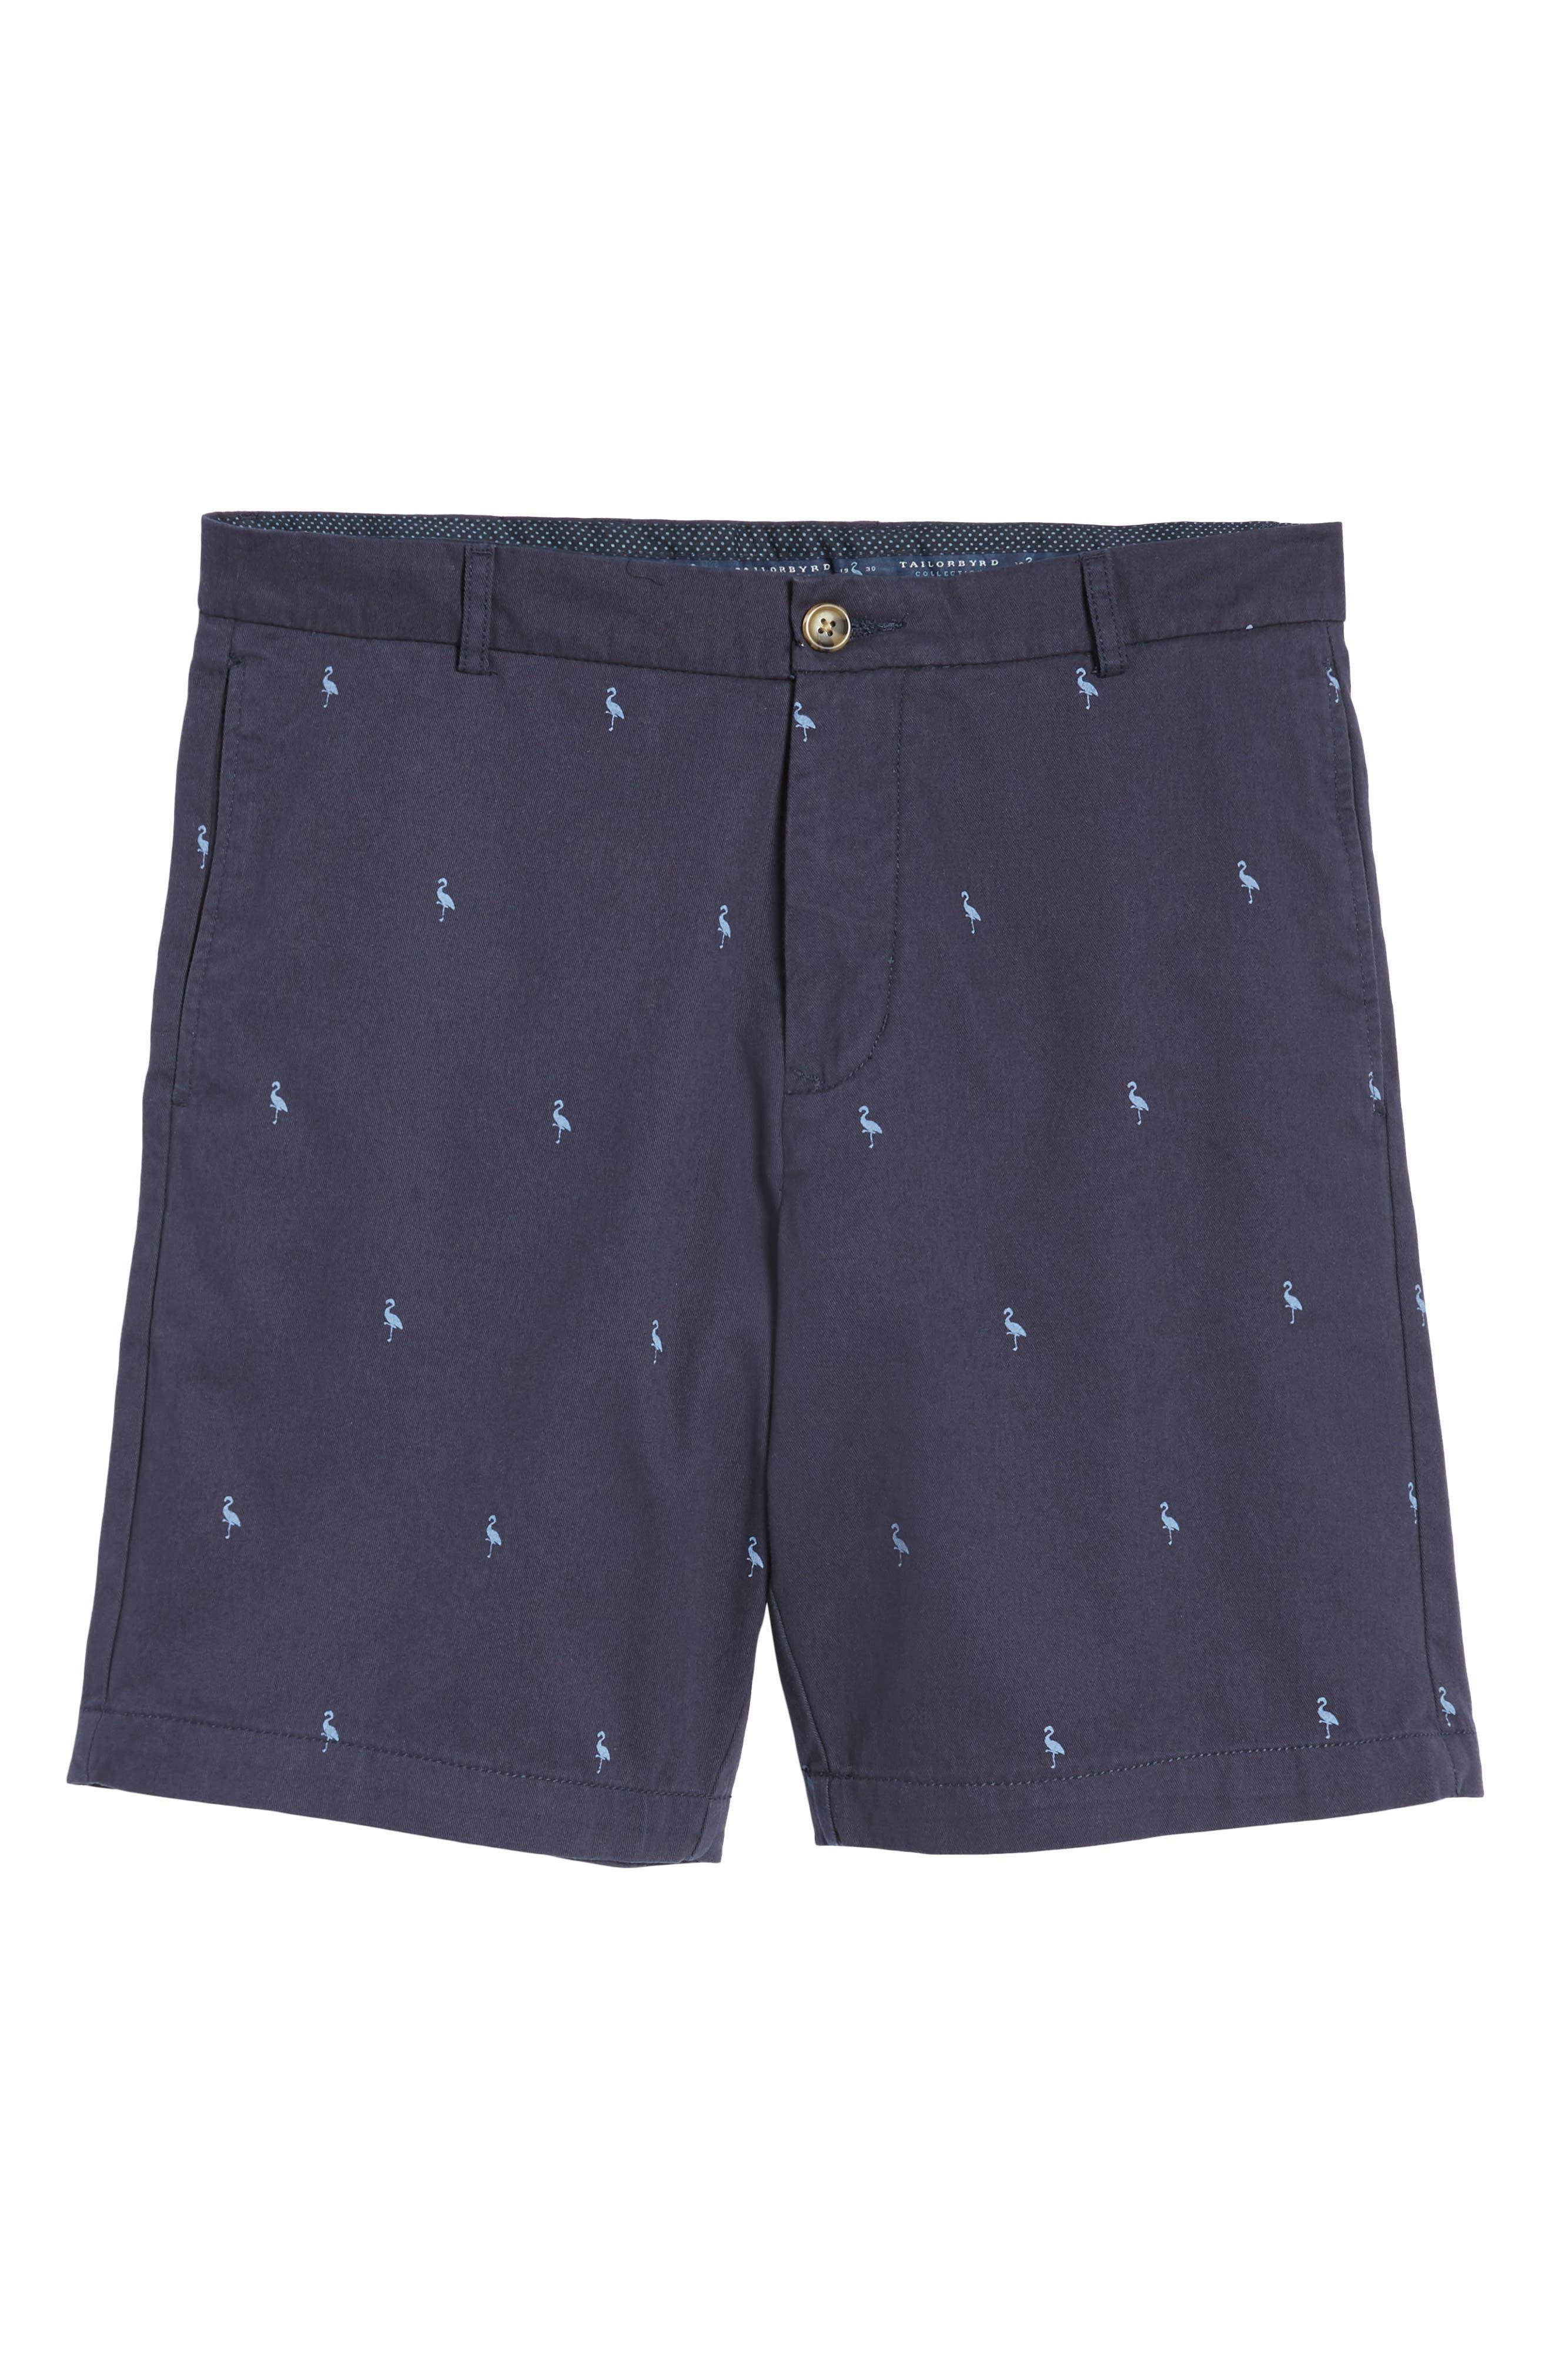 Barlow Bird Regular Fit Chino Shorts,                             Alternate thumbnail 6, color,                             New Navy